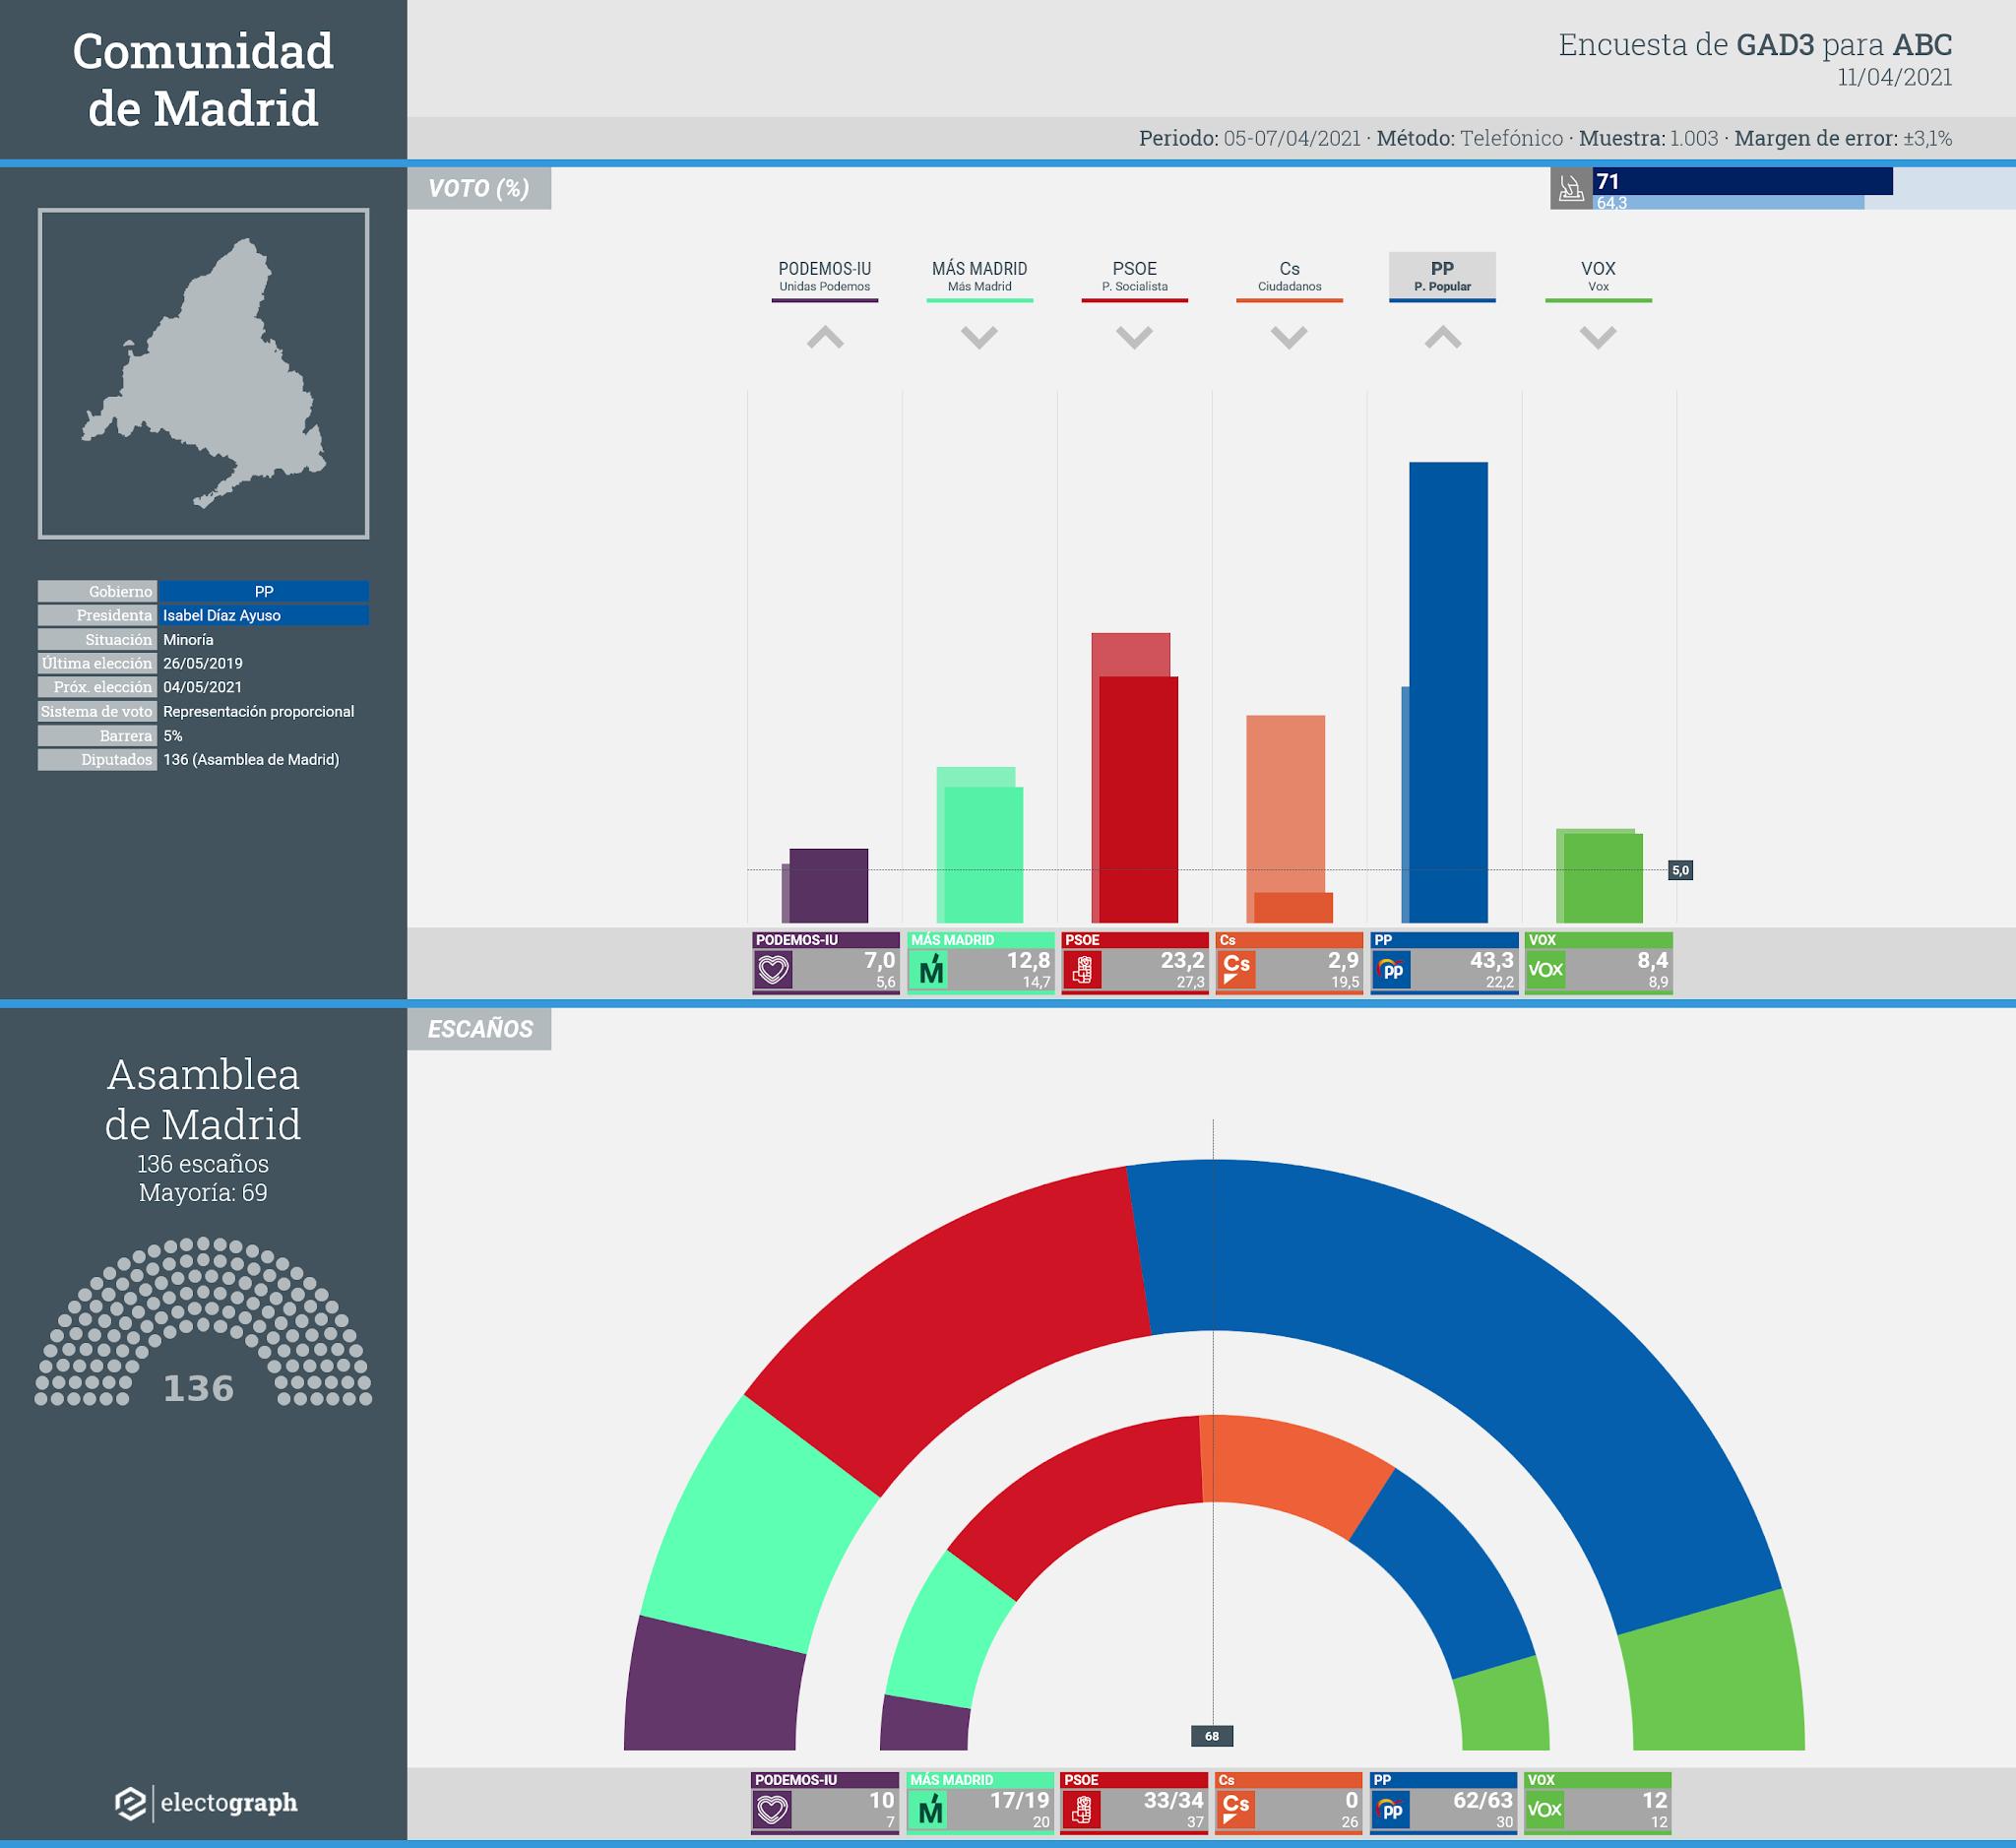 Gráfico de la encuesta para elecciones autonómicas en la Comunidad de Madrid realizada por GAD3 para ABC, 11 de abril de 2021